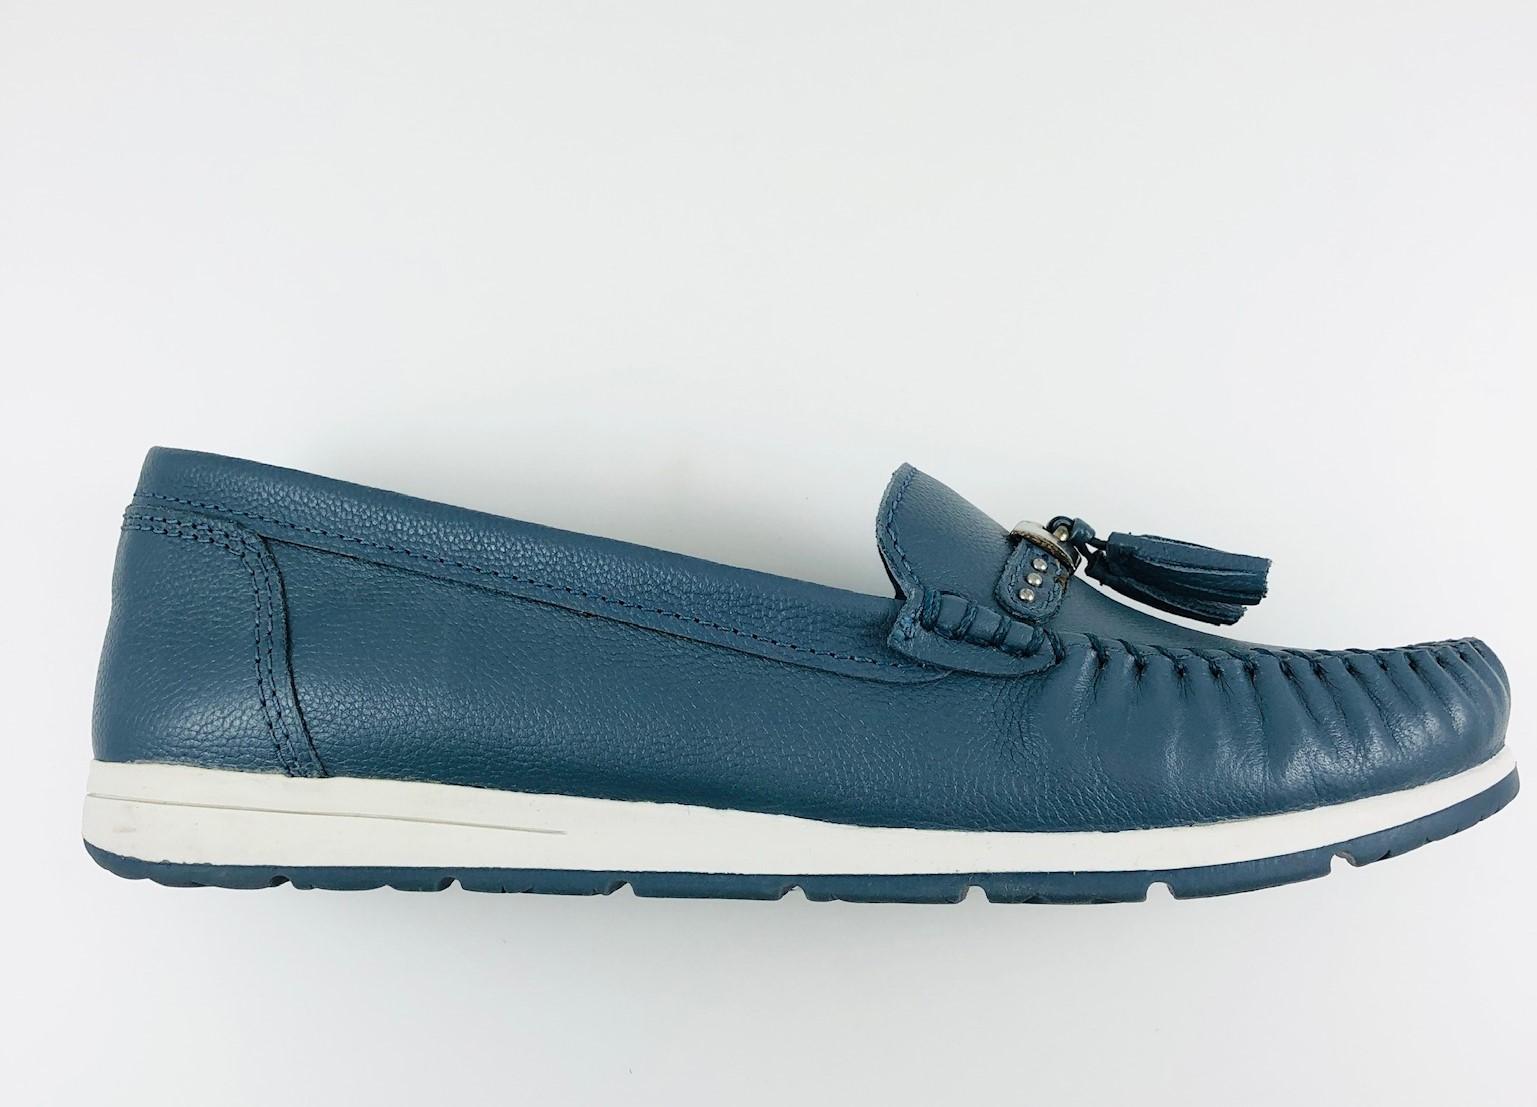 mocassin-en-cuir-bleu-marco-tozzi-24601-833_1